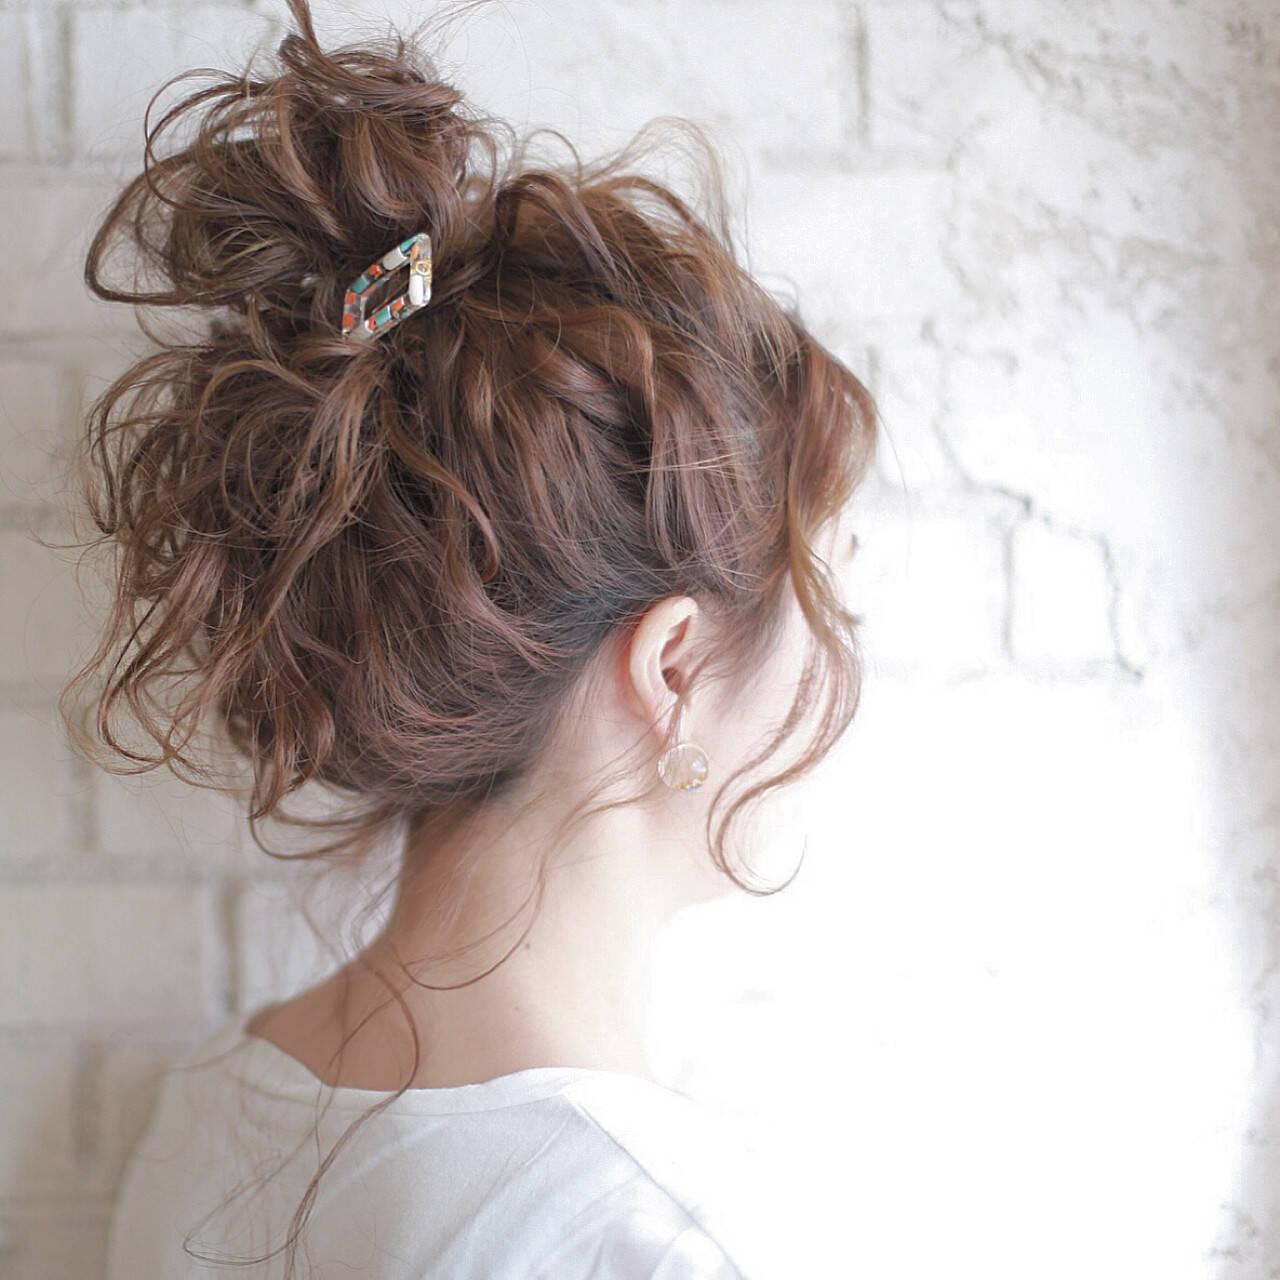 結婚式 夏 ヘアアレンジ パーティヘアスタイルや髪型の写真・画像